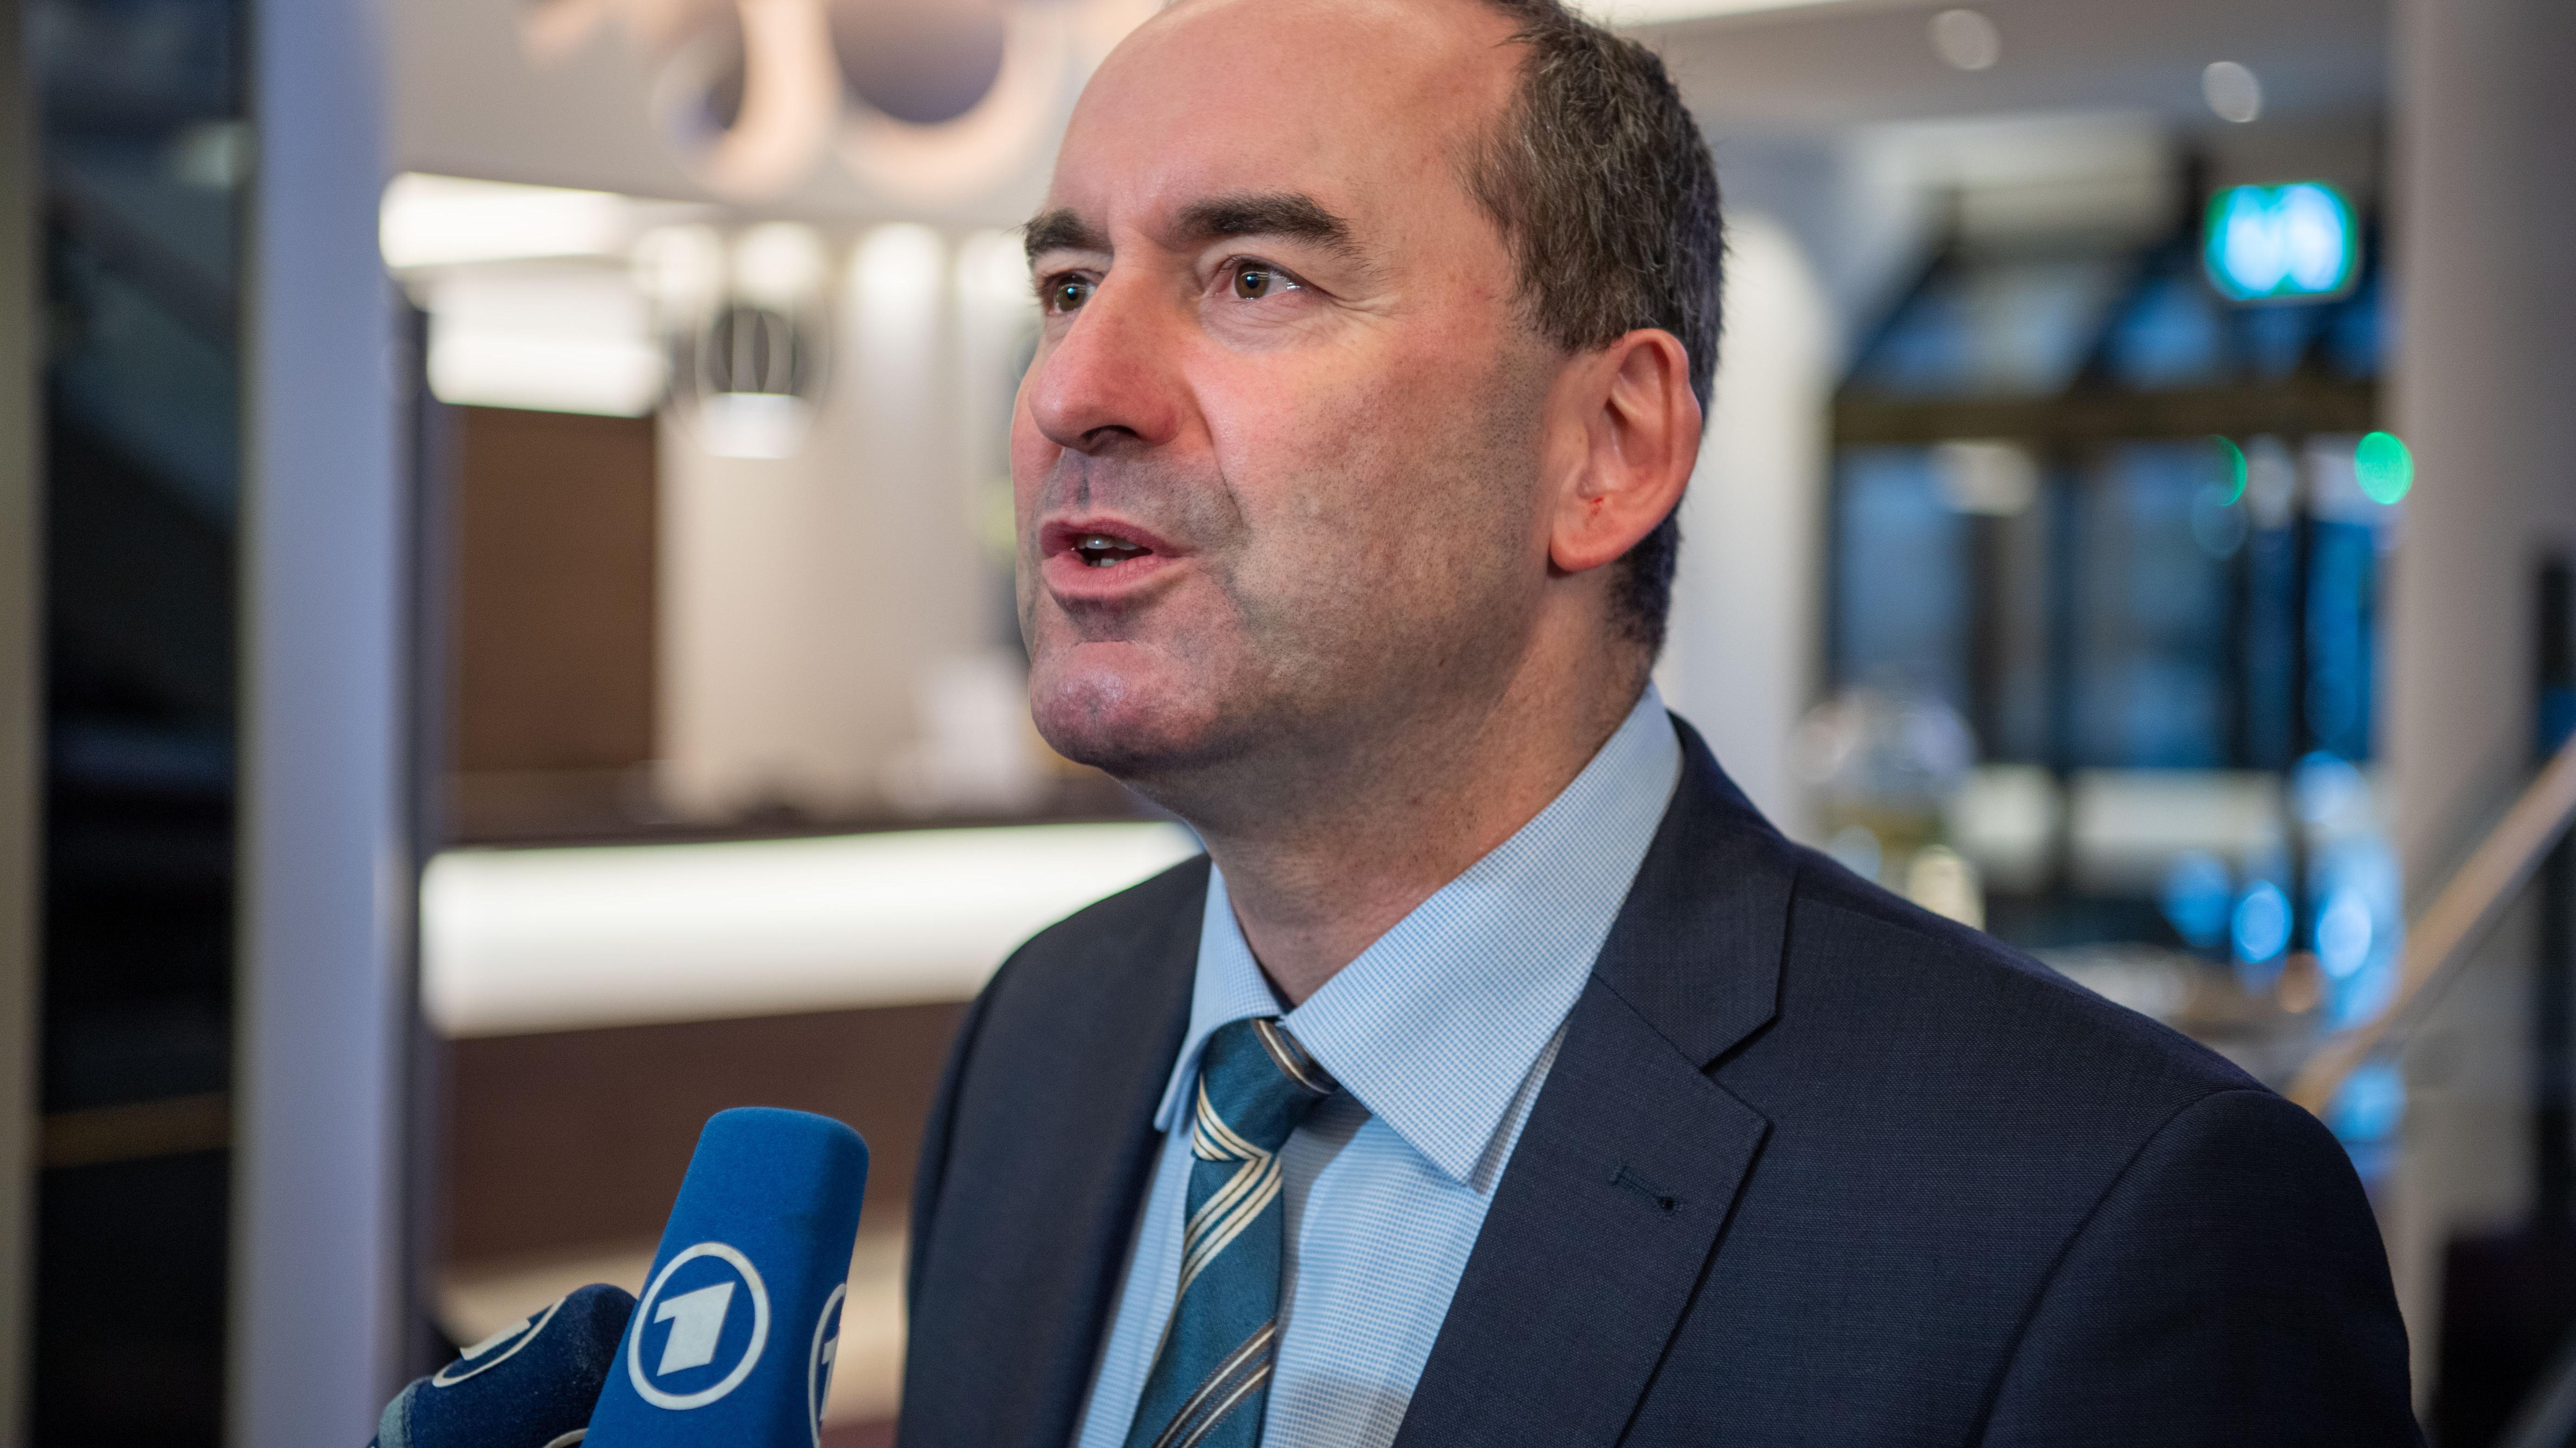 Die Freien Wähler haben laut Parteichef Aiwanger dem Koalitionsvertrag mit der CSU zugestimmt